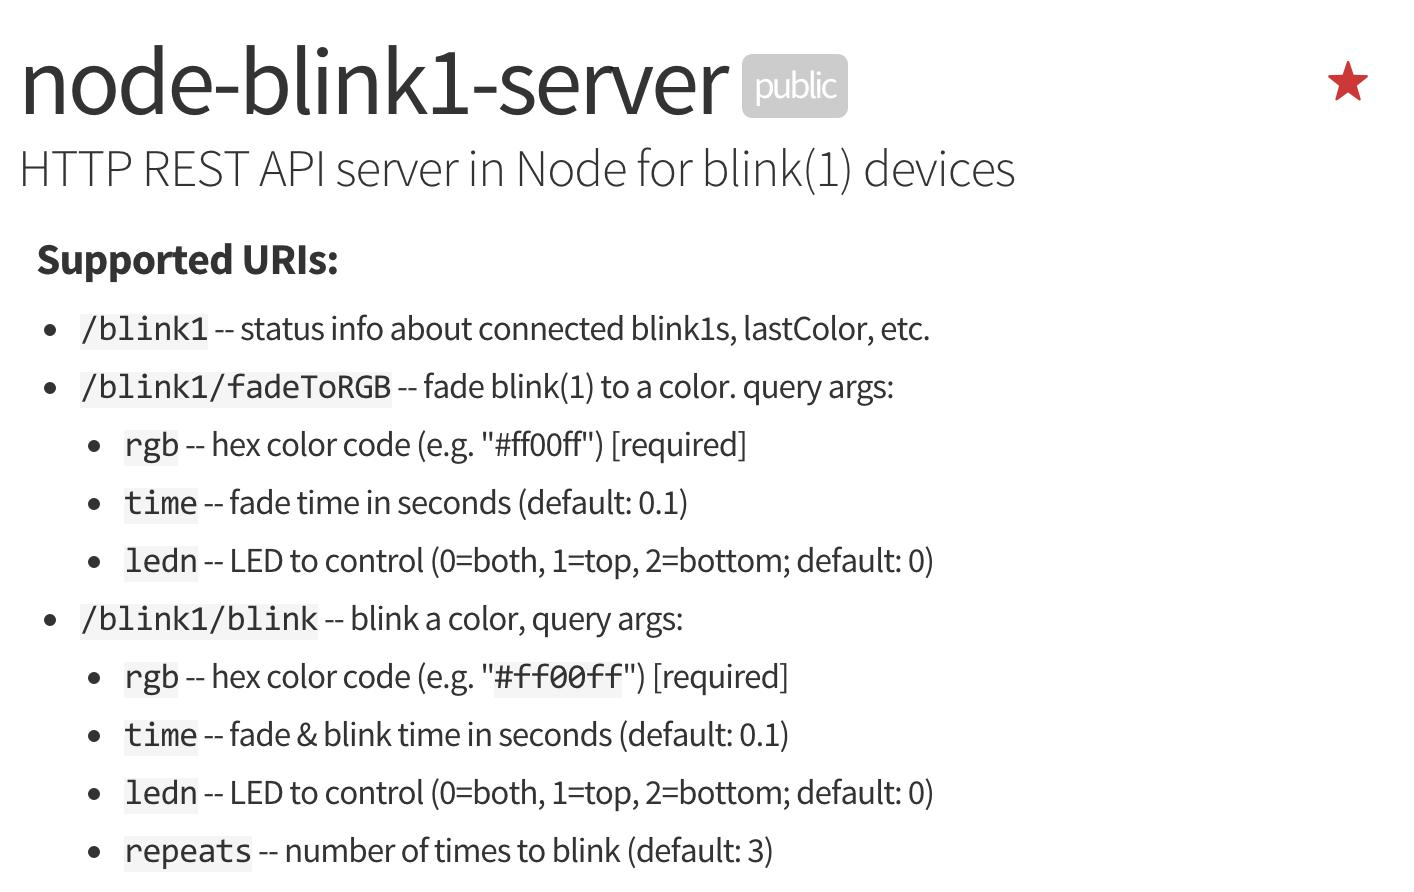 node-blink1-server